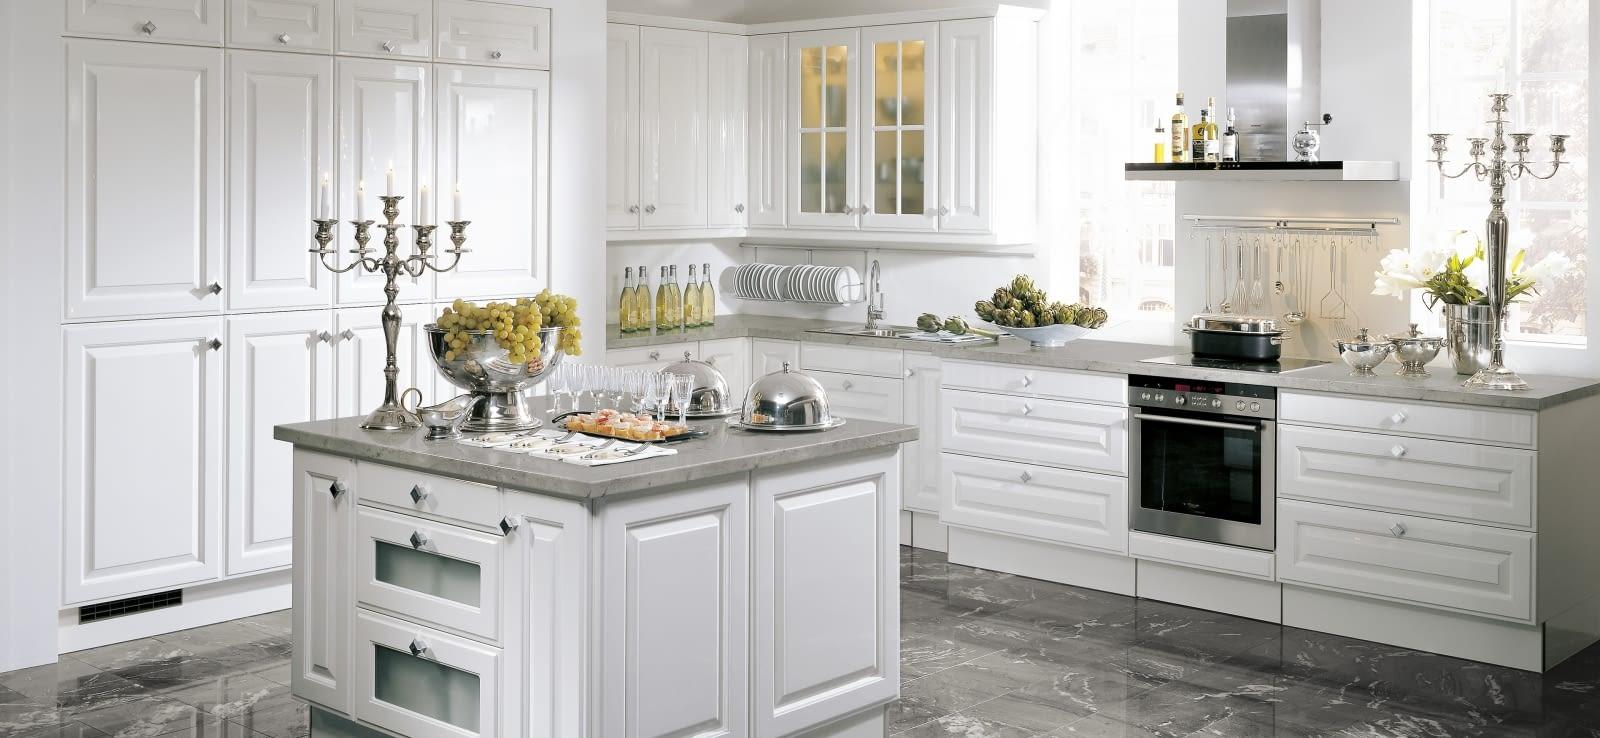 Inselkuche elegance weiss hochglanz mit taj mahal for Landhausküche weiss